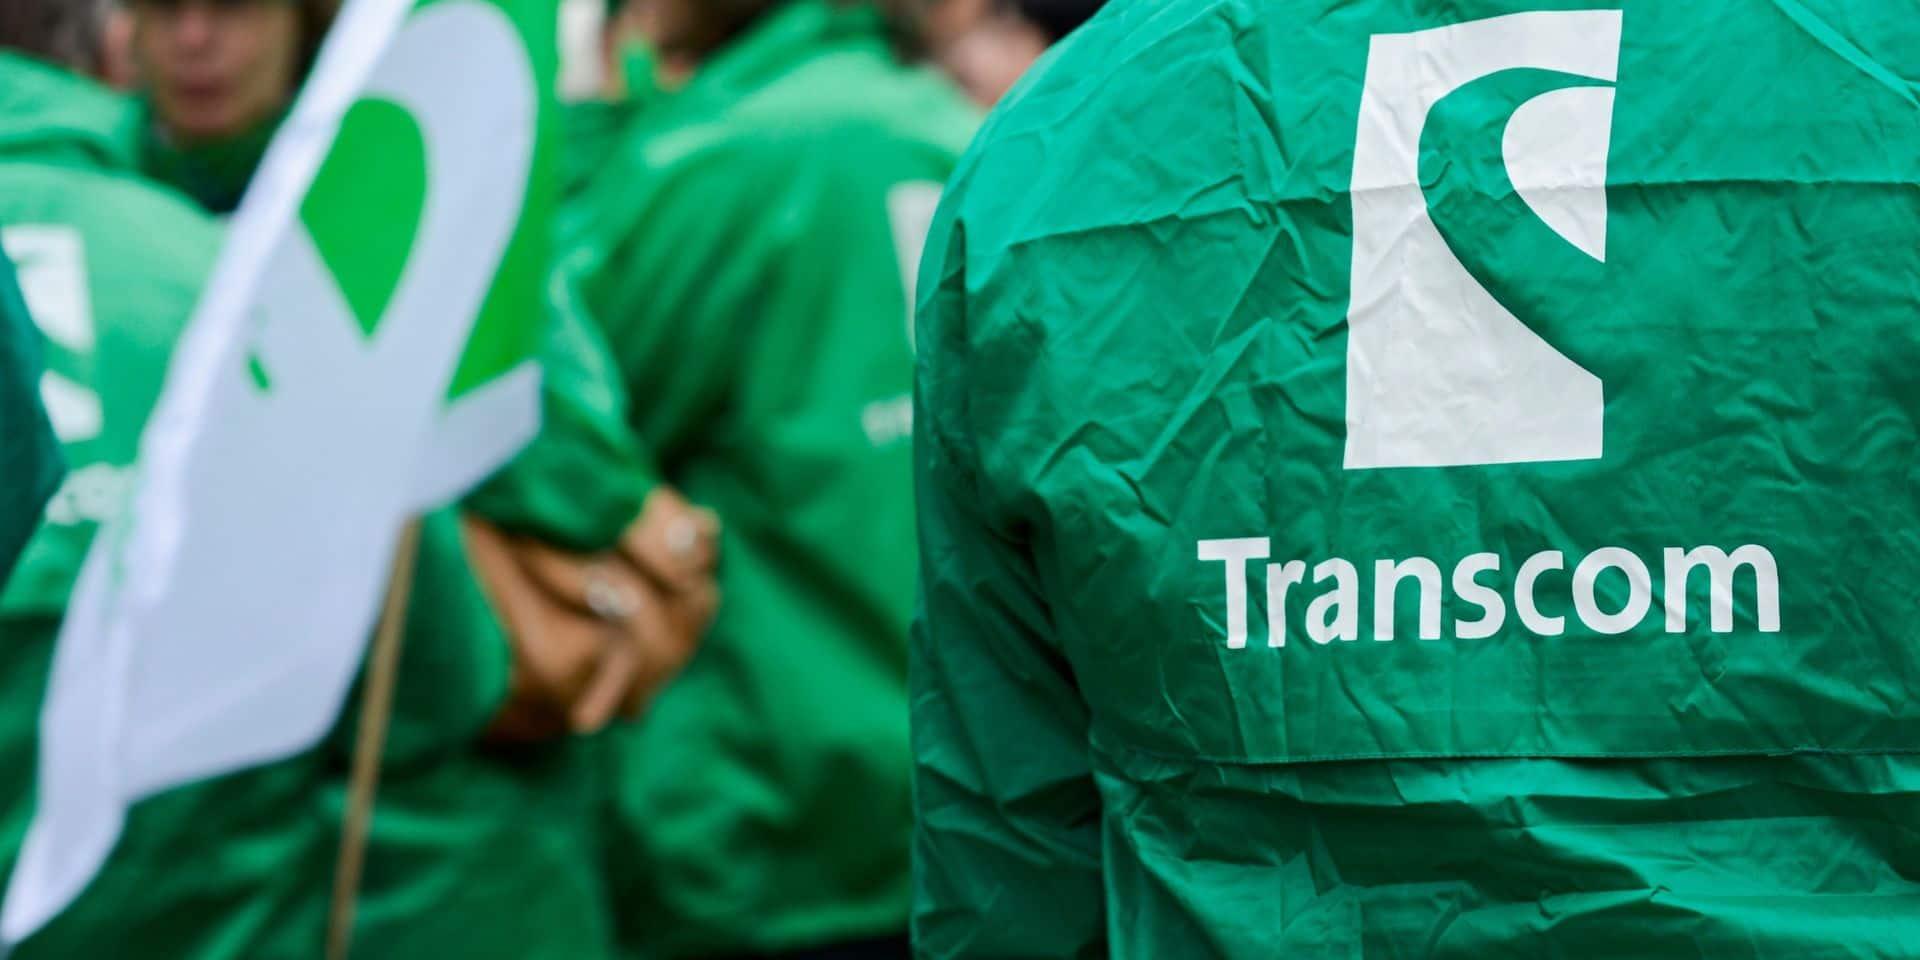 Les syndicats demandent au gouvernement de s'attaquer d'urgence au dumping social